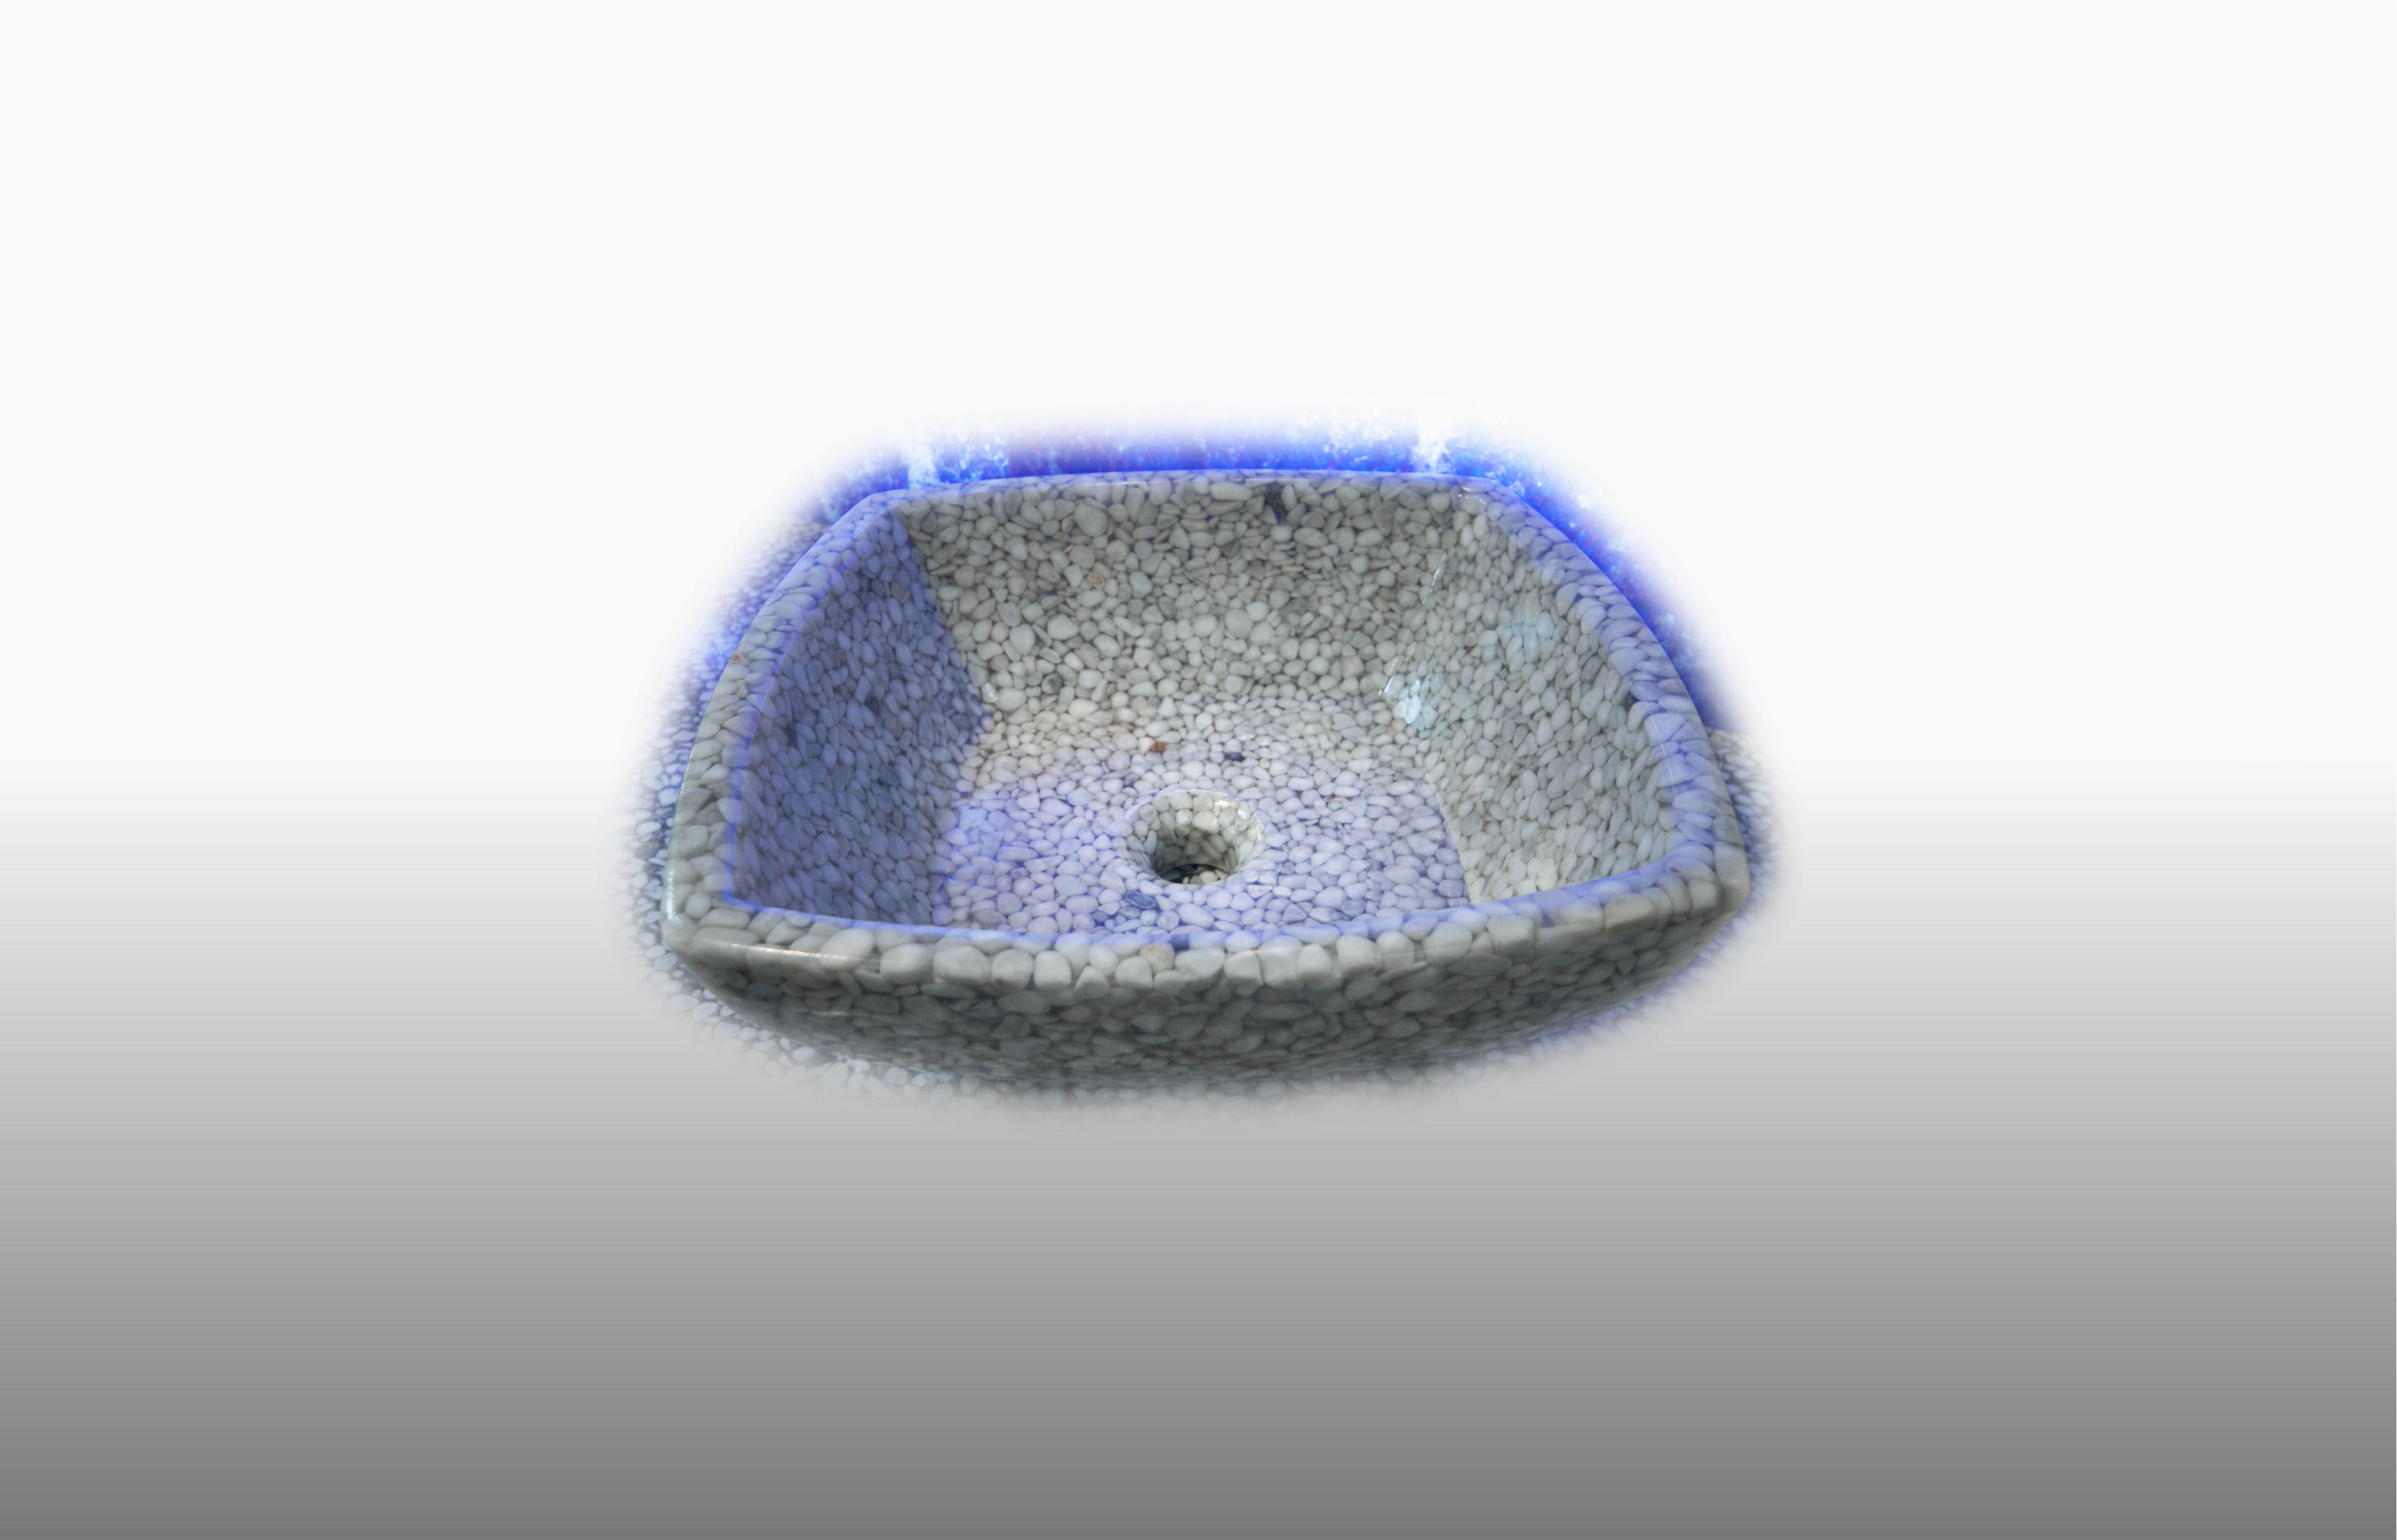 Lavabo in ciottoli Bianco Carrara e resina trasparente misura 43x43 cm  - prezzo 230,00 €